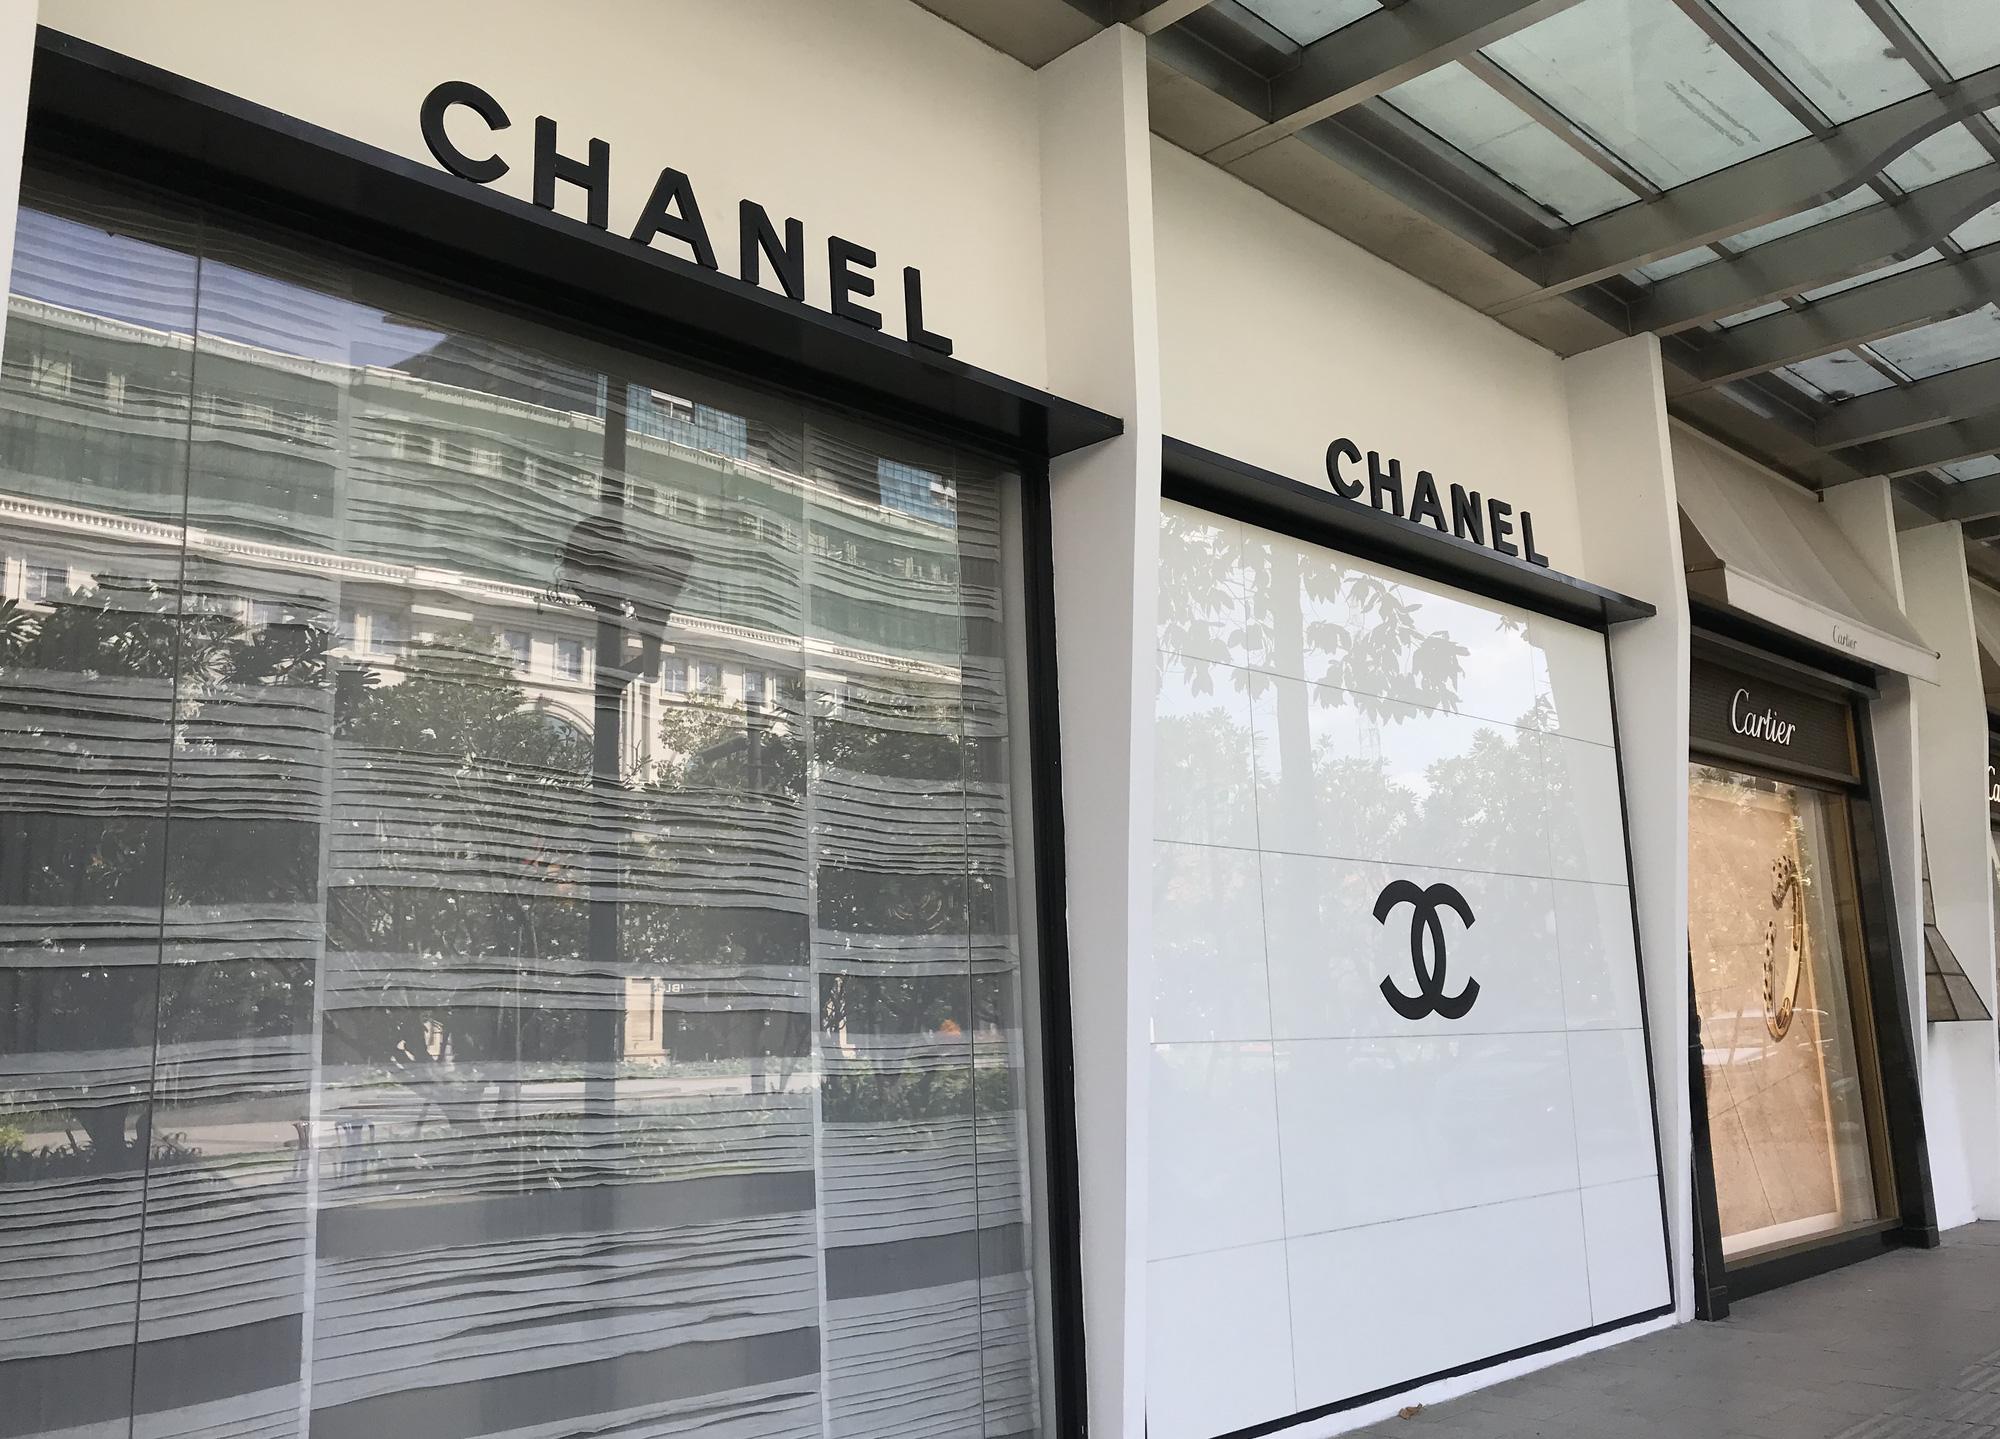 Tiệm vàng, Chanel, Gucci Sài Gòn cũng đóng cửa im ỉm phòng dịch Covid-19 - Ảnh 11.